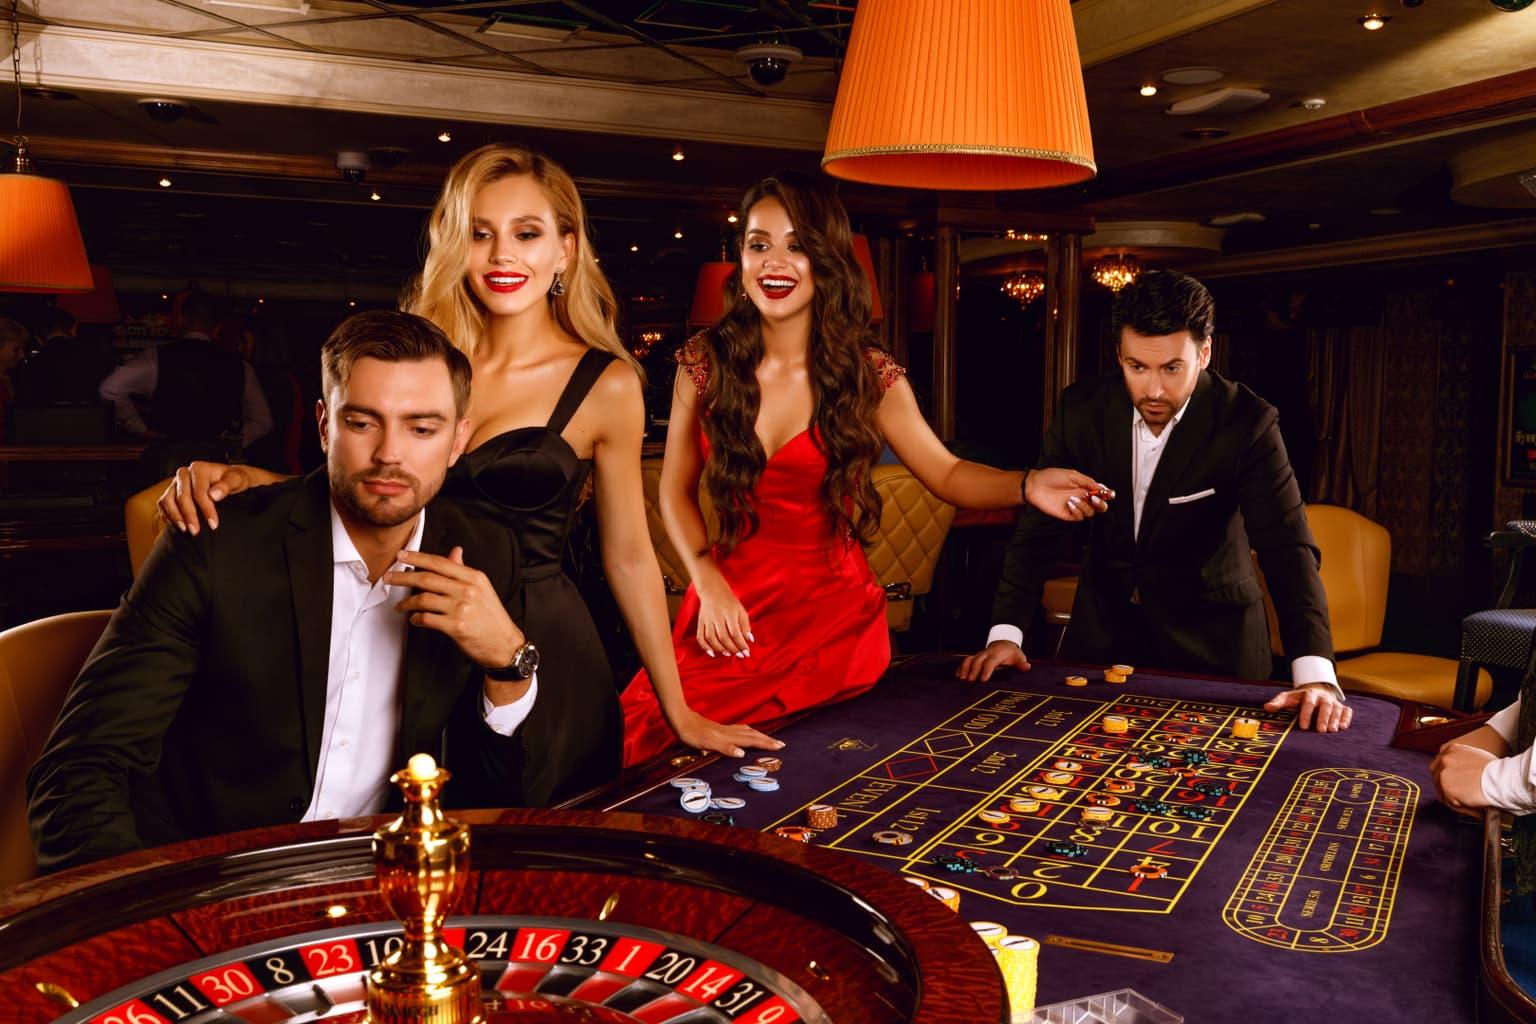 Шангрила казино беларусь казино европейская рулетка онлайн играть бесплатно